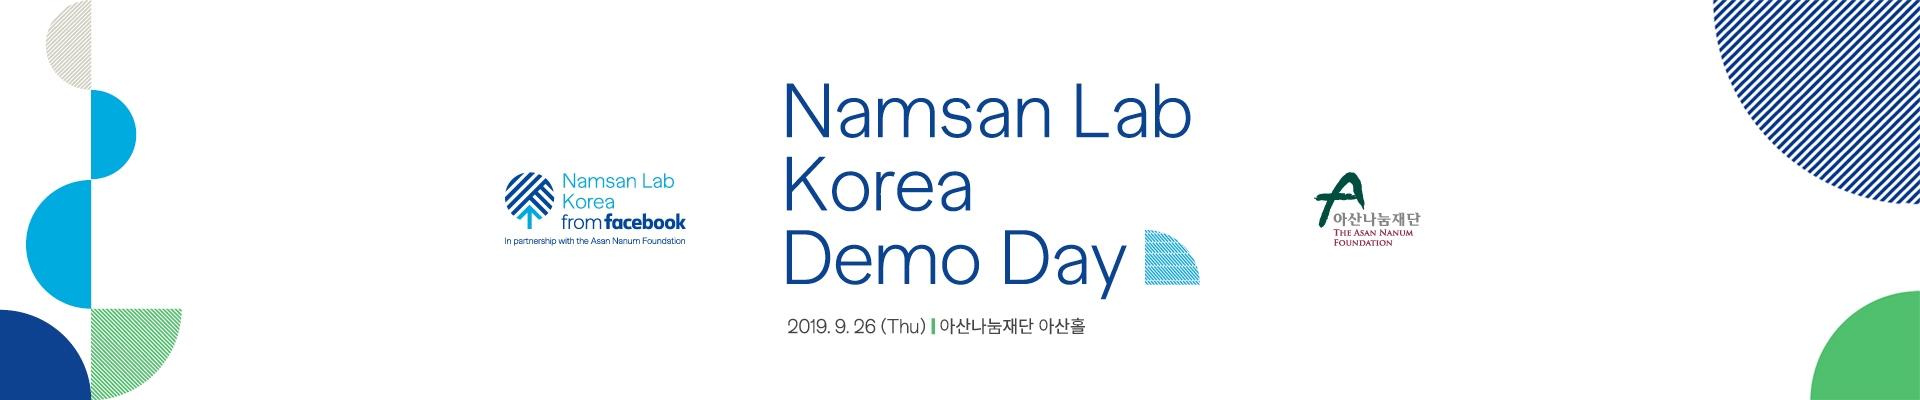 이벤터스_남산 랩 코리아 데모데이, 페이스북 아산나눔재단, 행사준비, 행사 홍보 이벤터스